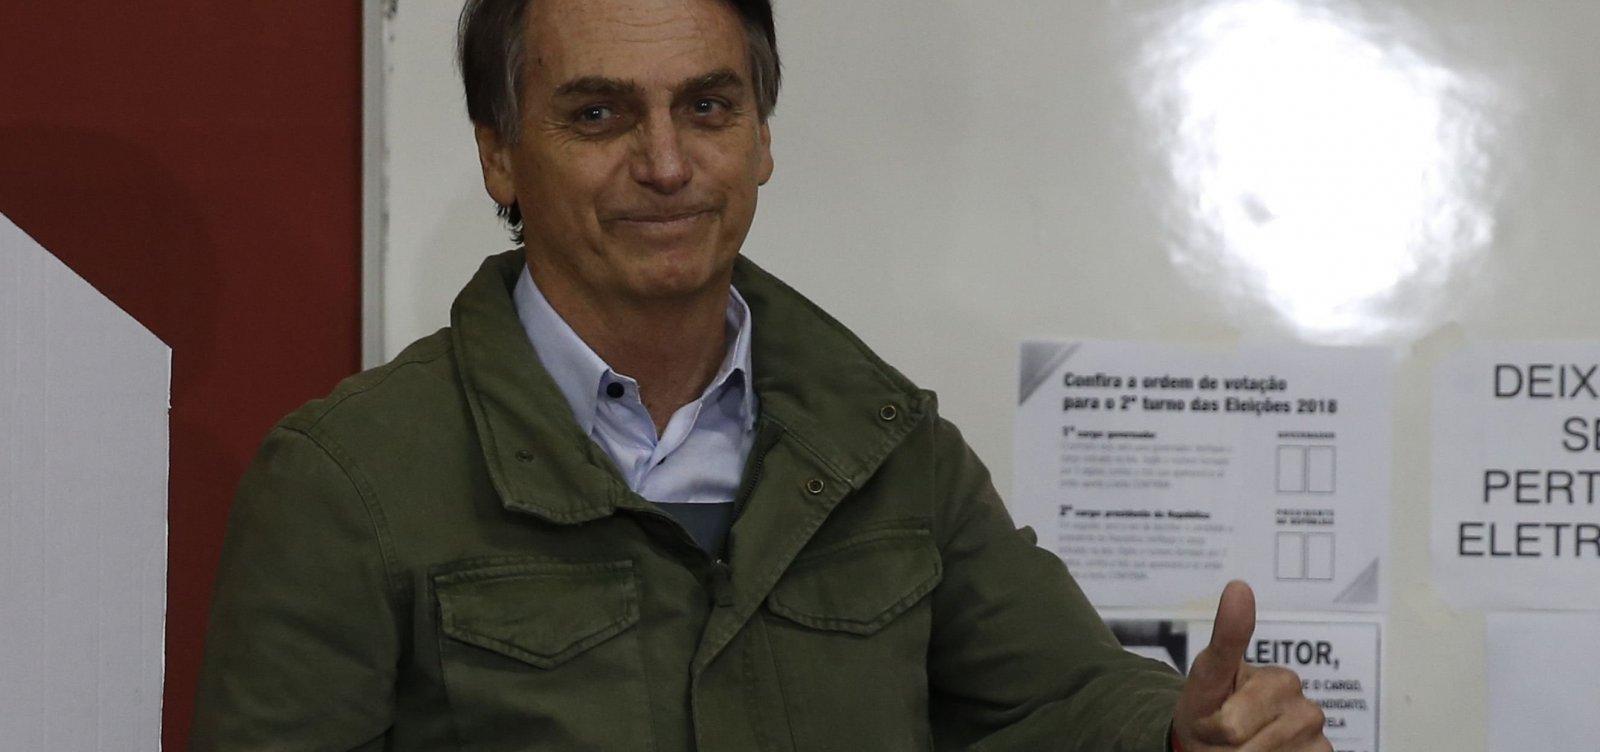 Planos de Bolsonaro para a segurança pública causam dúvidas no setor